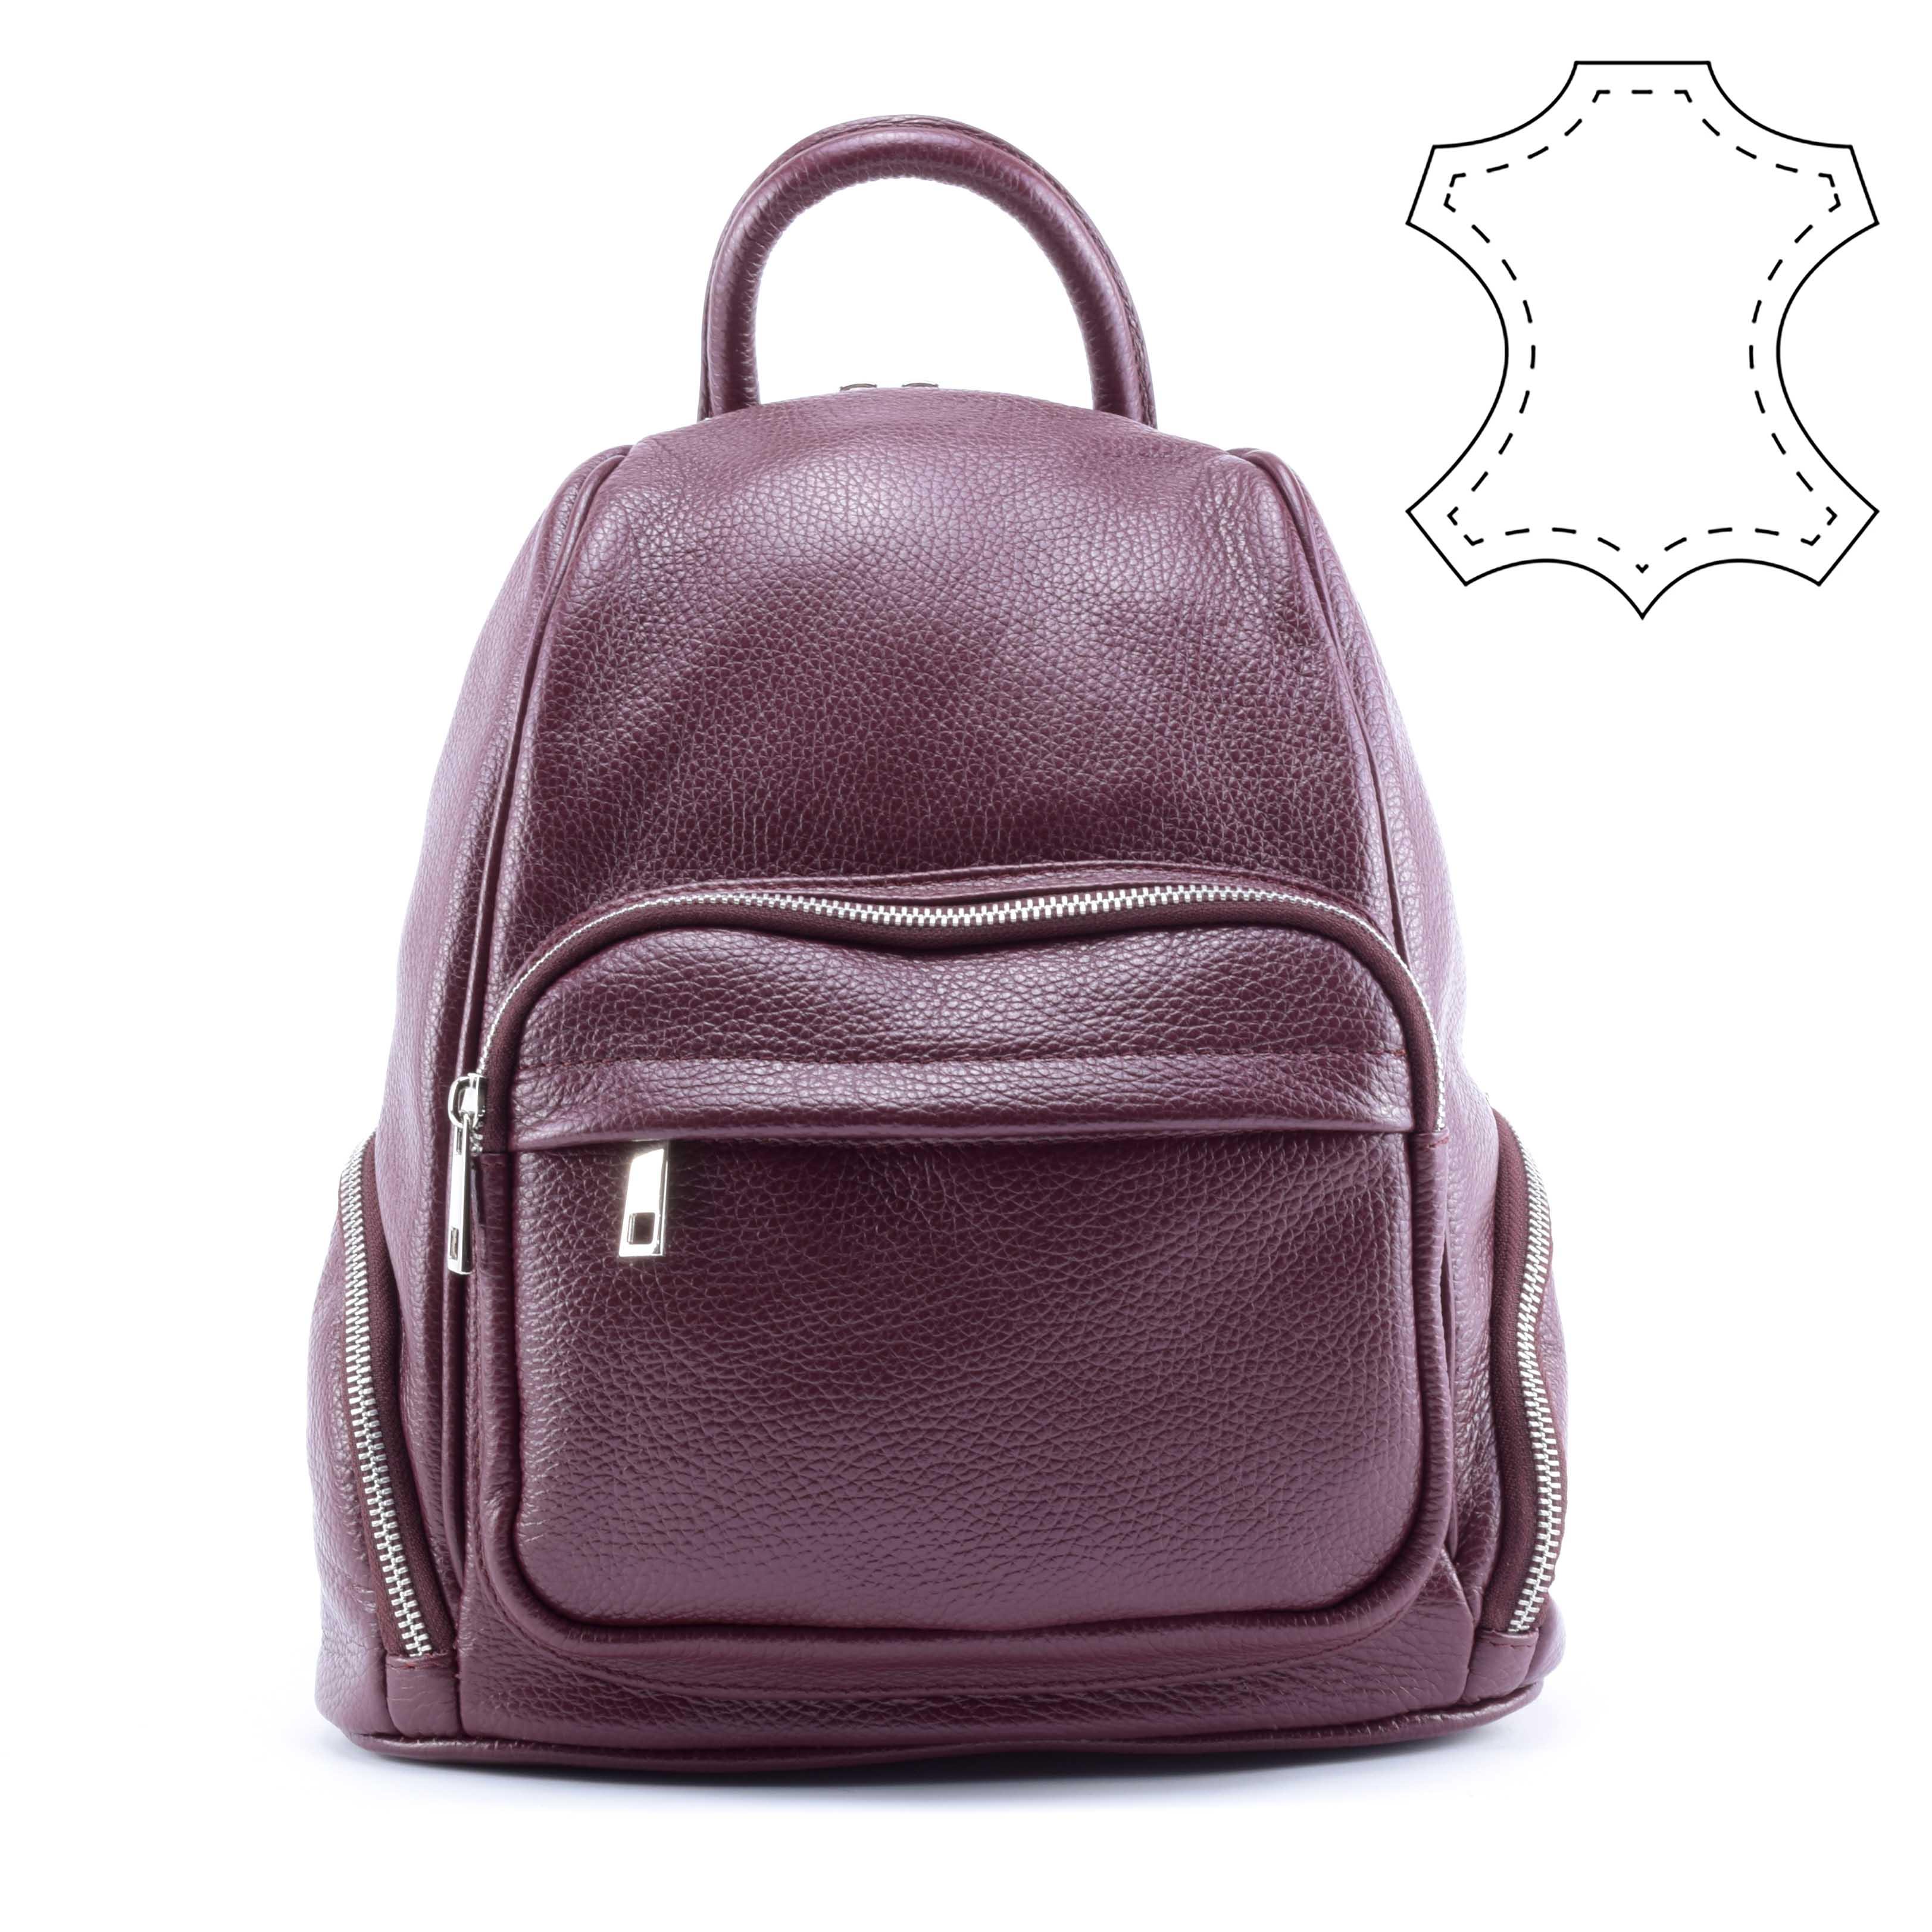 ViVien bordó női valódi bőr hátizsák - VALÓDI BŐRTÁSKÁK - Táska webáruház -  Minőségi táskák mindenkinek 33df422401